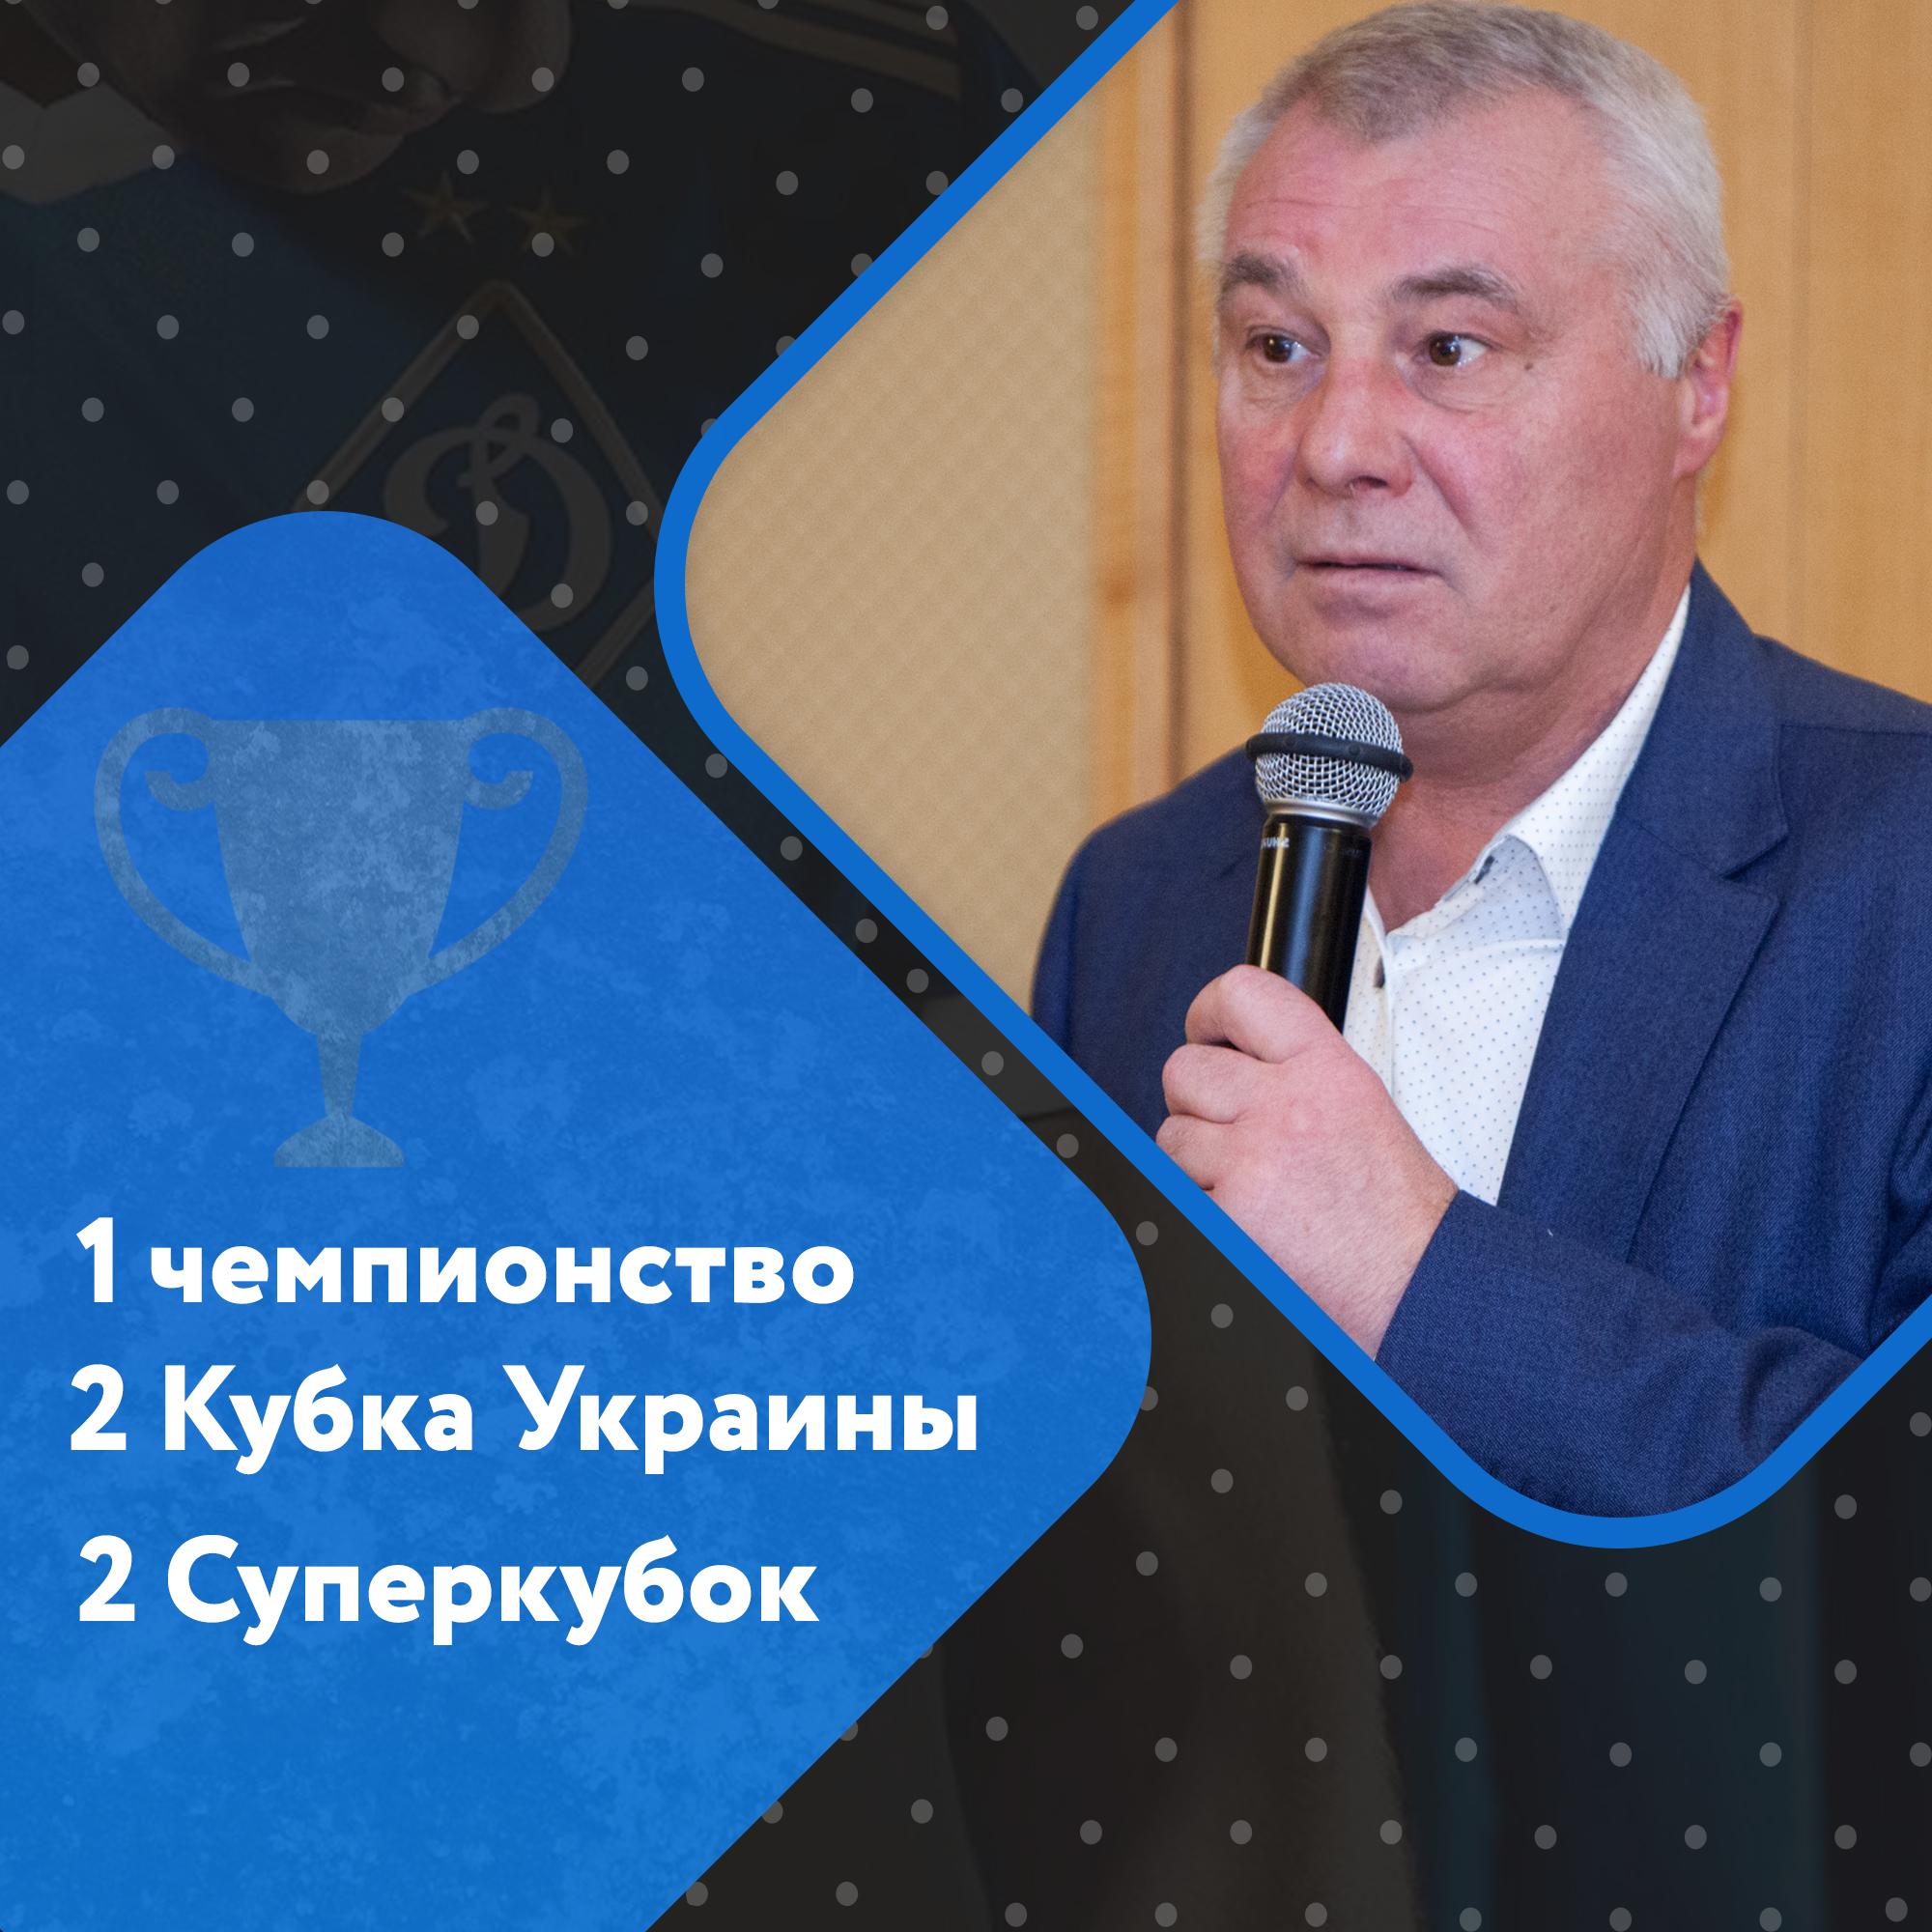 Тренеры «Шахтера» и «Динамо» за последние 15 лет: 29:17 - изображение 4